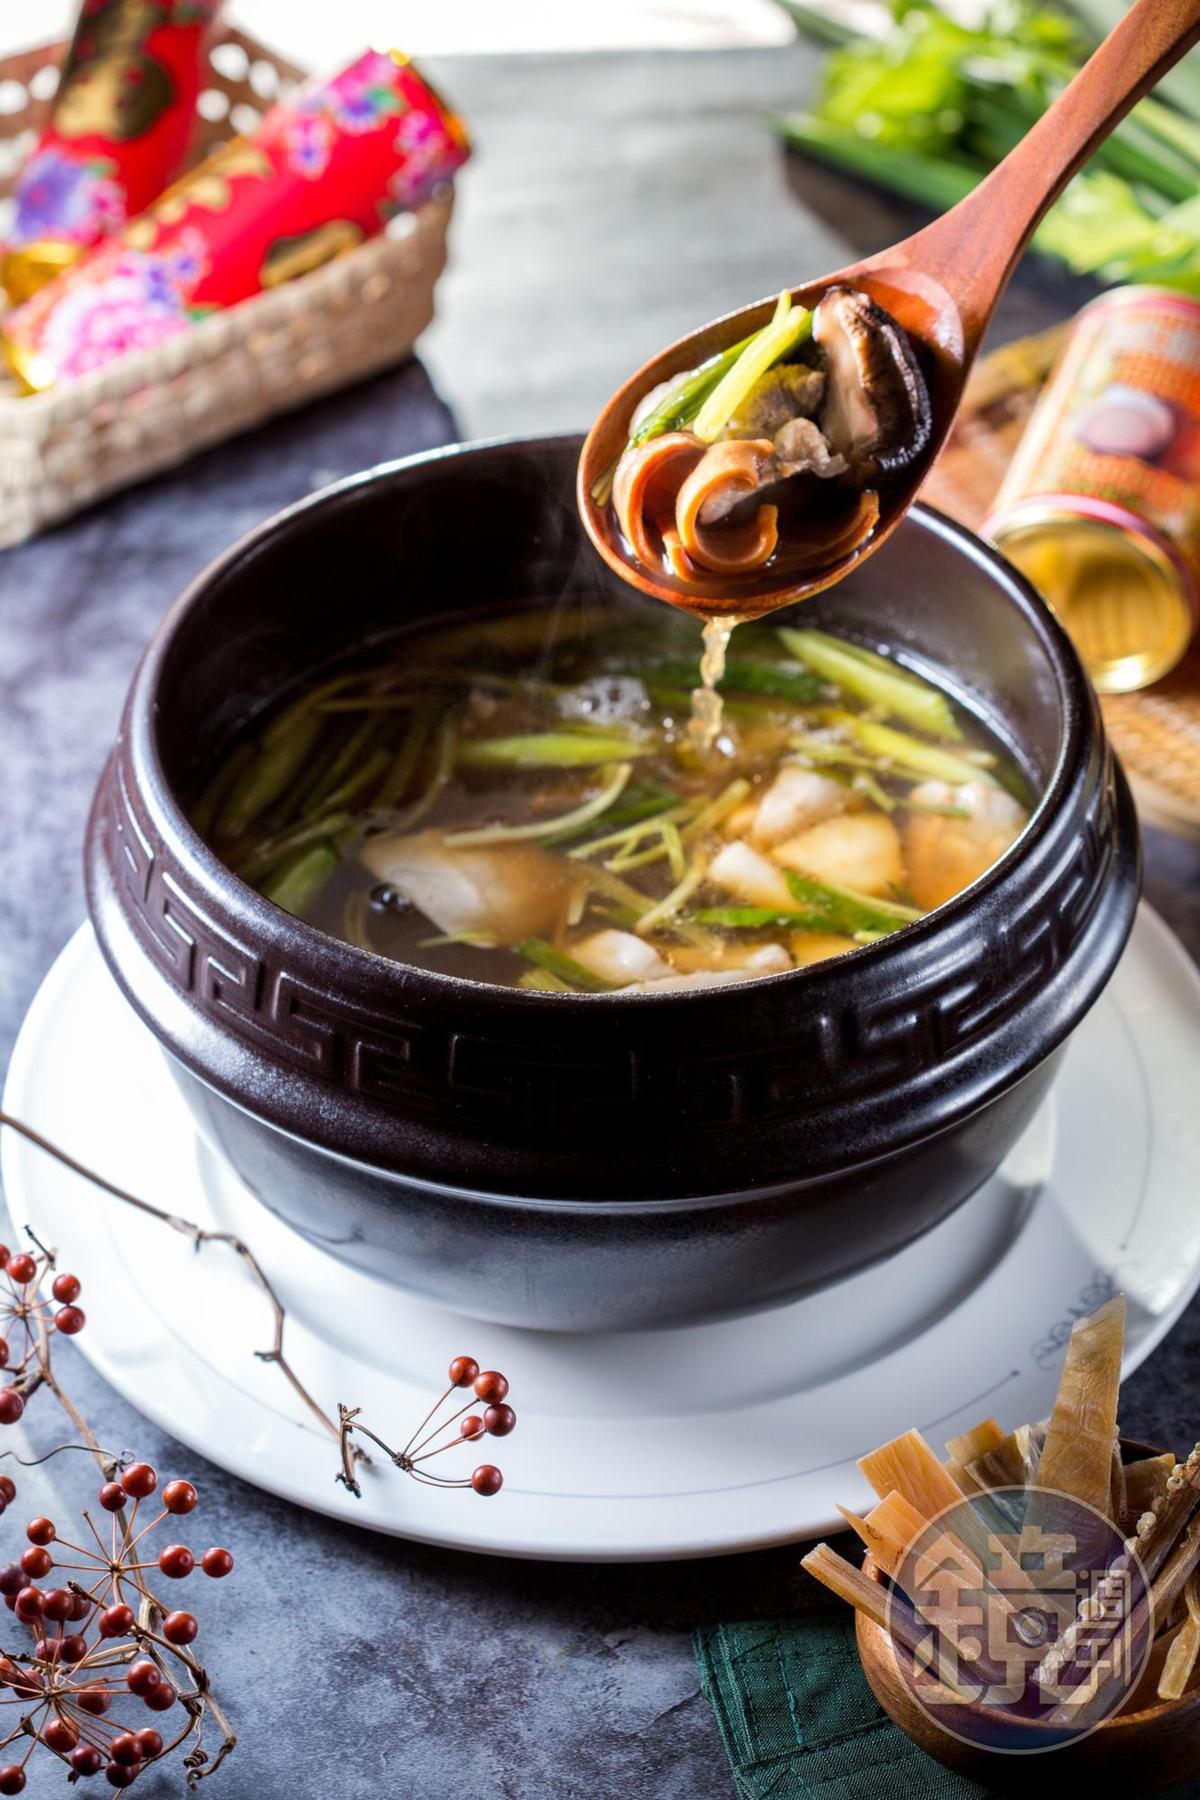 「魷魚螺肉蒜香鍋」湯頭鹹鮮甘美,可當解酒湯。(1,580元/份)